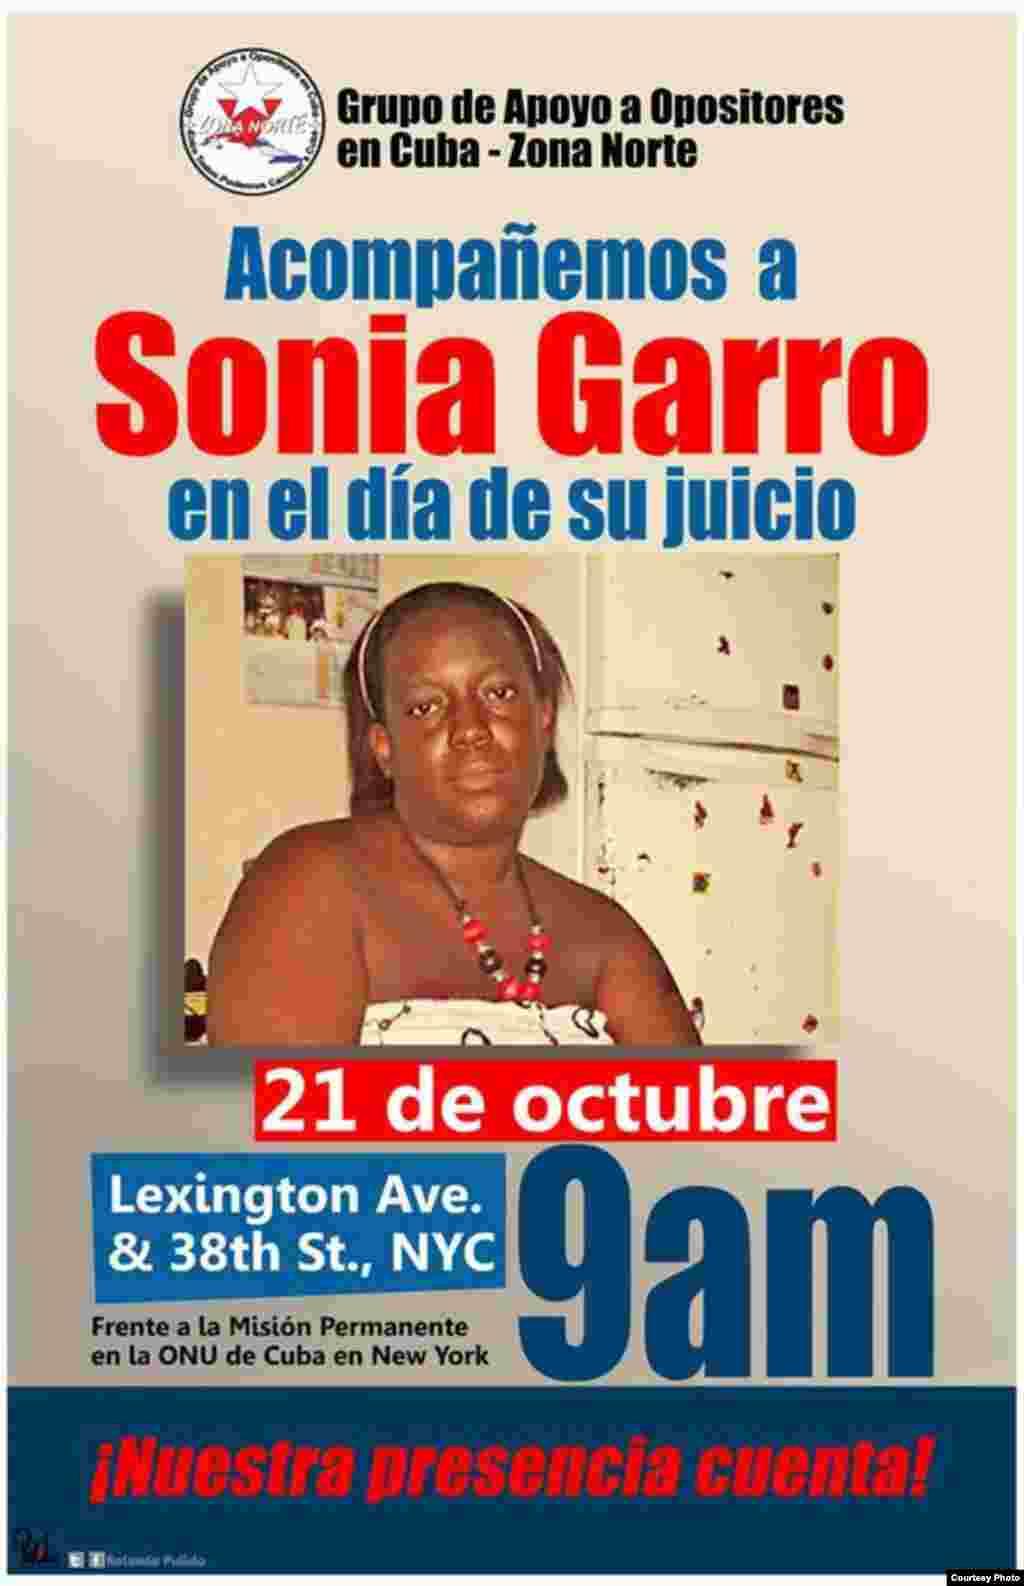 """Cartel promocional del evento """" Acompañemos a Sonia Garro en el día de su juicio"""", convocado para la mañana del 21 de octubre."""